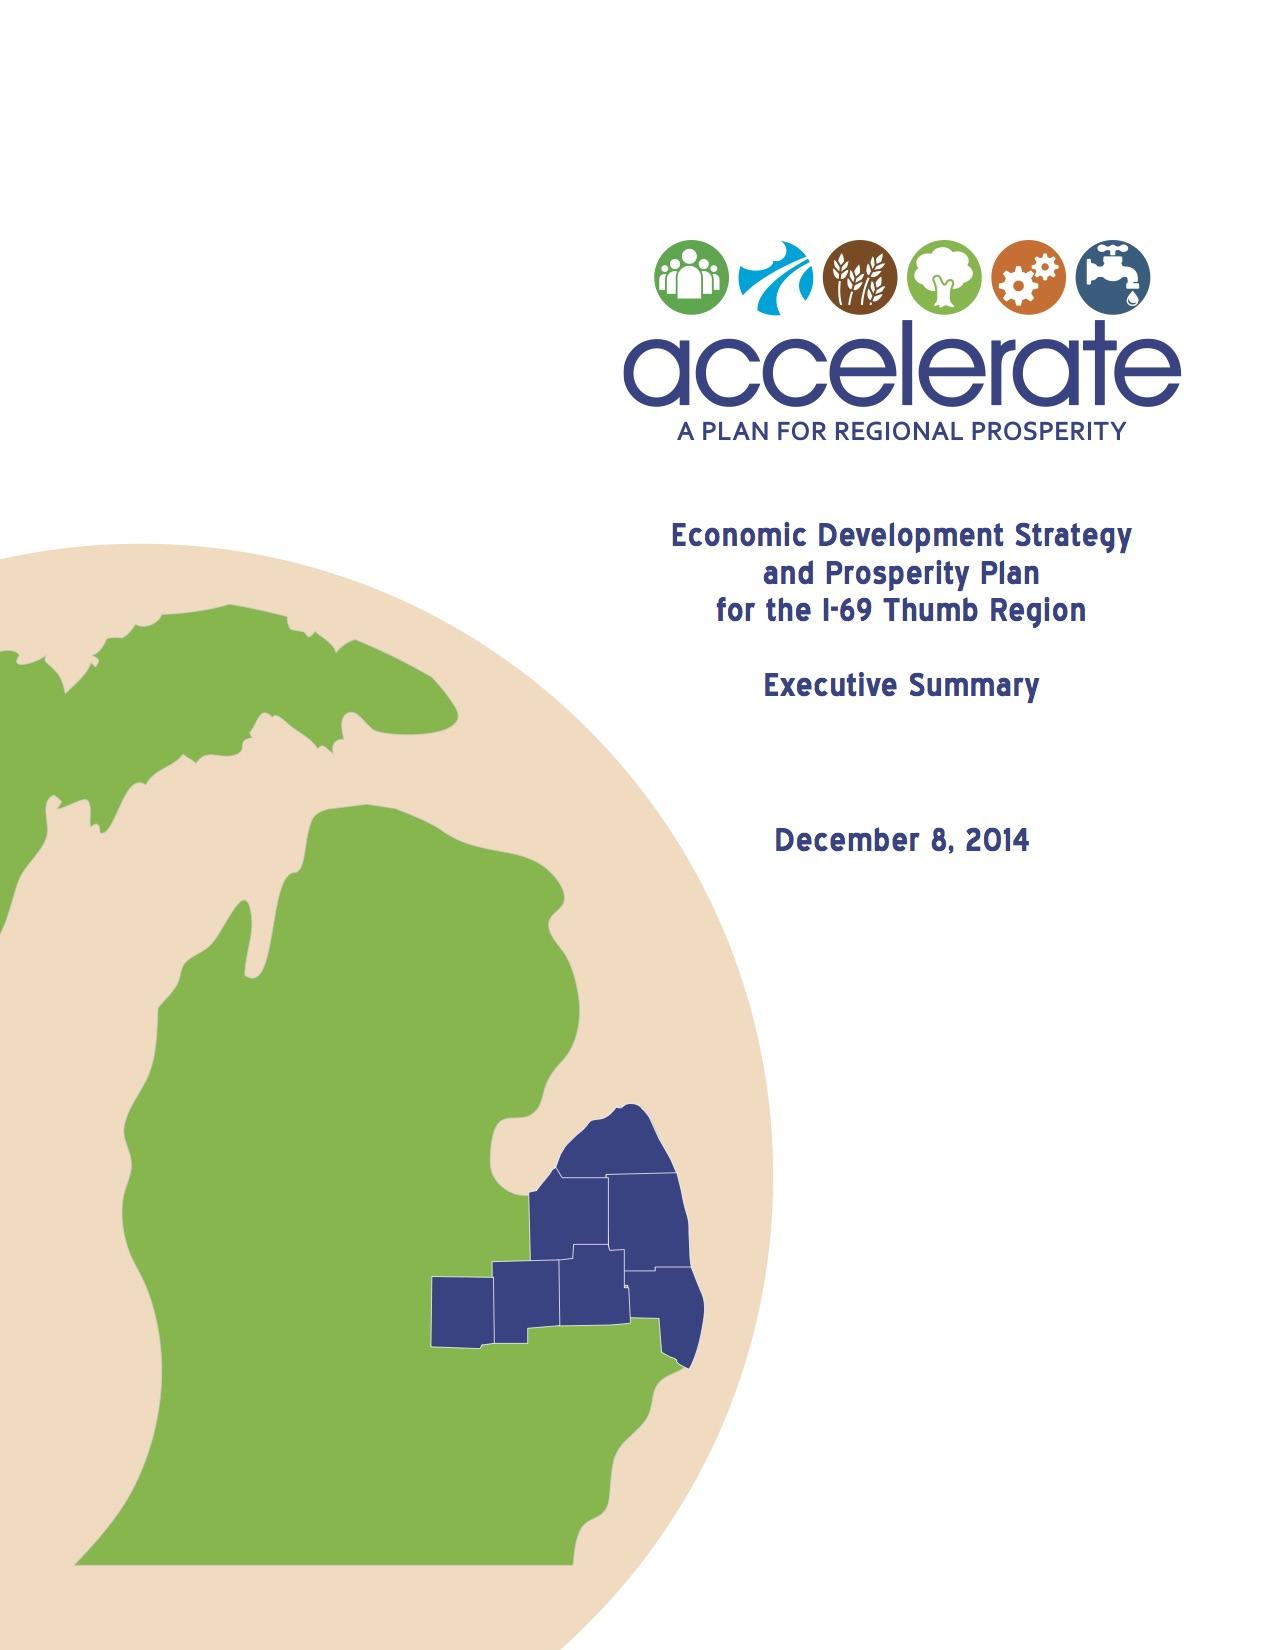 Accelerate. A Plan for Regional Prosperity